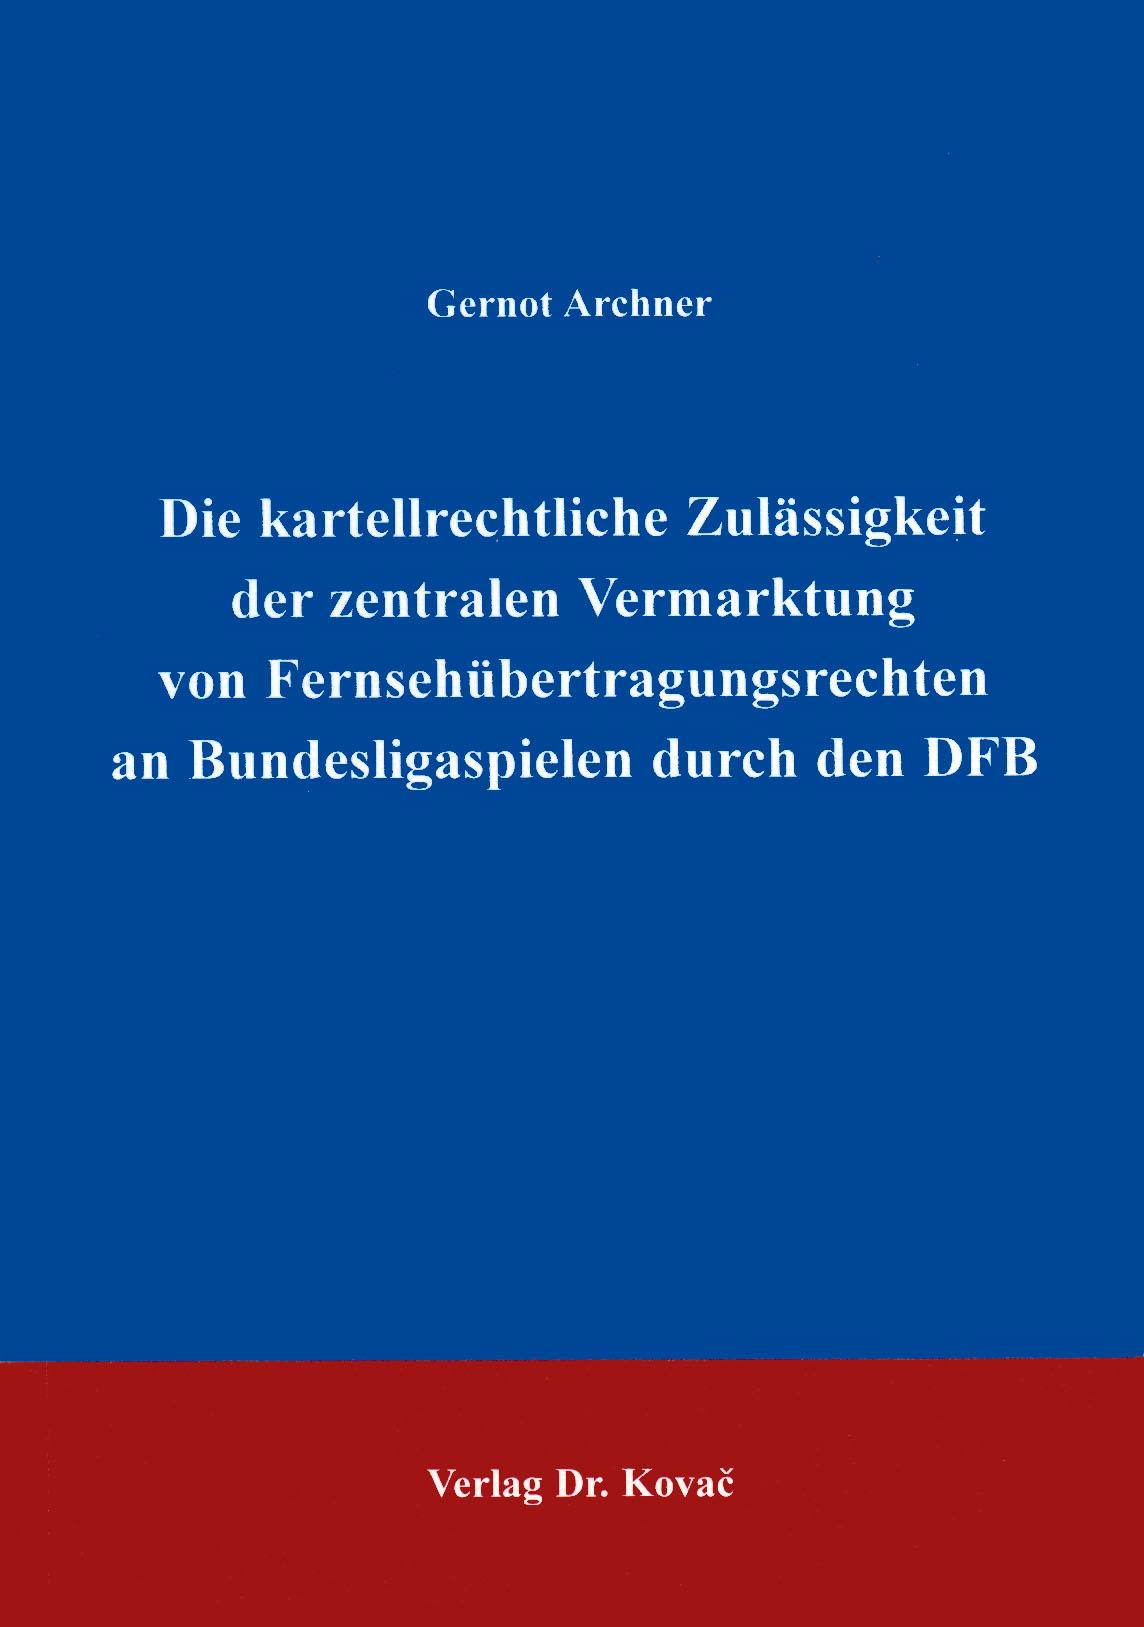 Cover: Die kartellrechtliche Zulässigkeit der zentralen Vermarktung der Fernsehübertragungsrechte an Bundesligaspielen durch den DFB